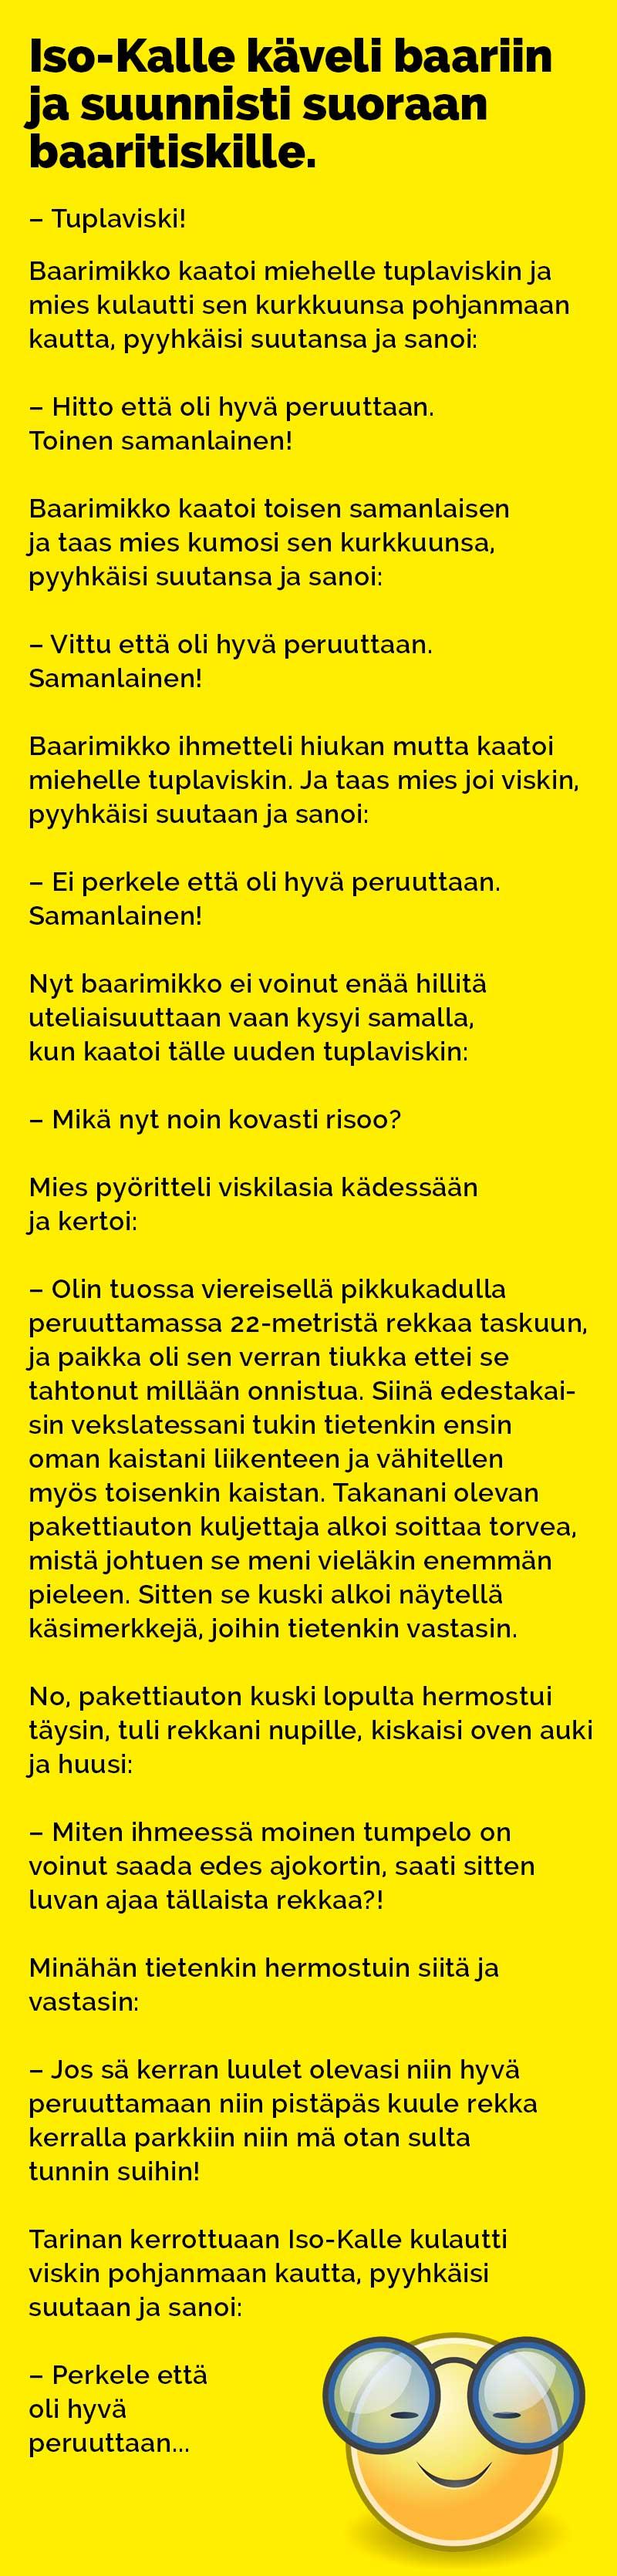 iso_kalle_kaveli_baariin_2